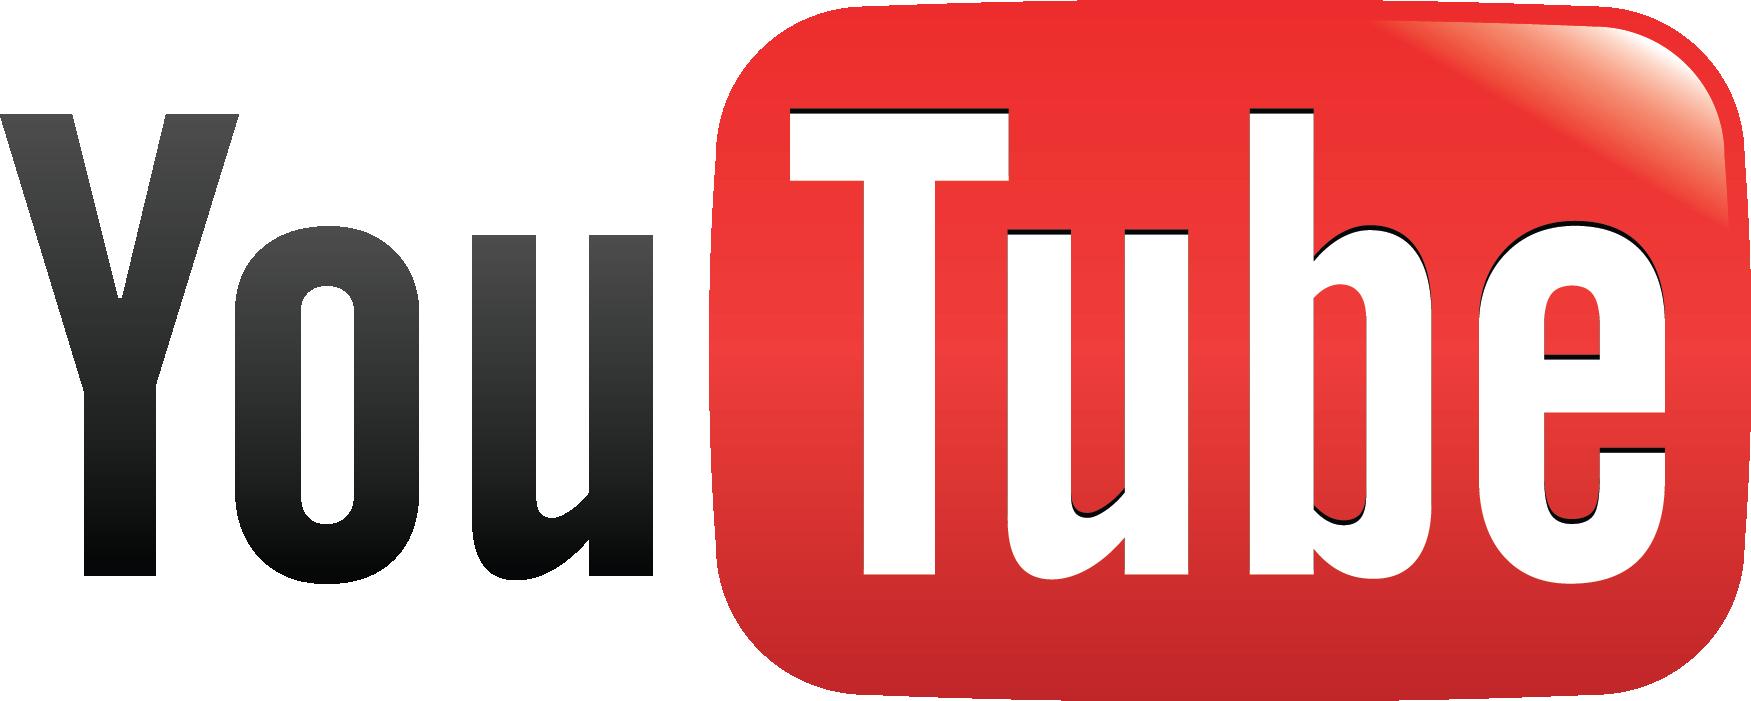 YouTube анонсировал поддержку 48-ми и 60-ти кадров в секунду - Изображение 1